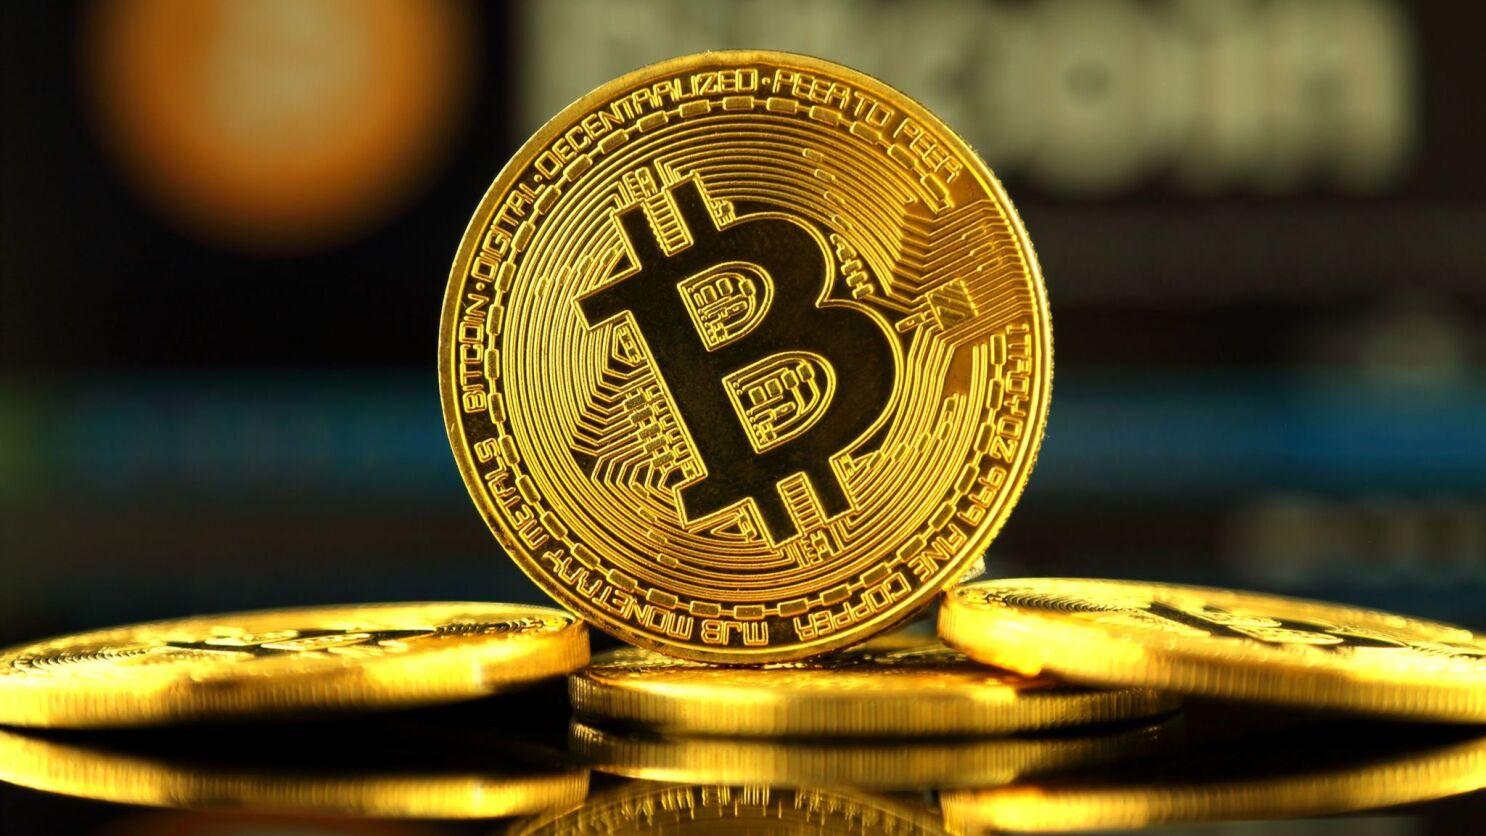 square bitcoin trading